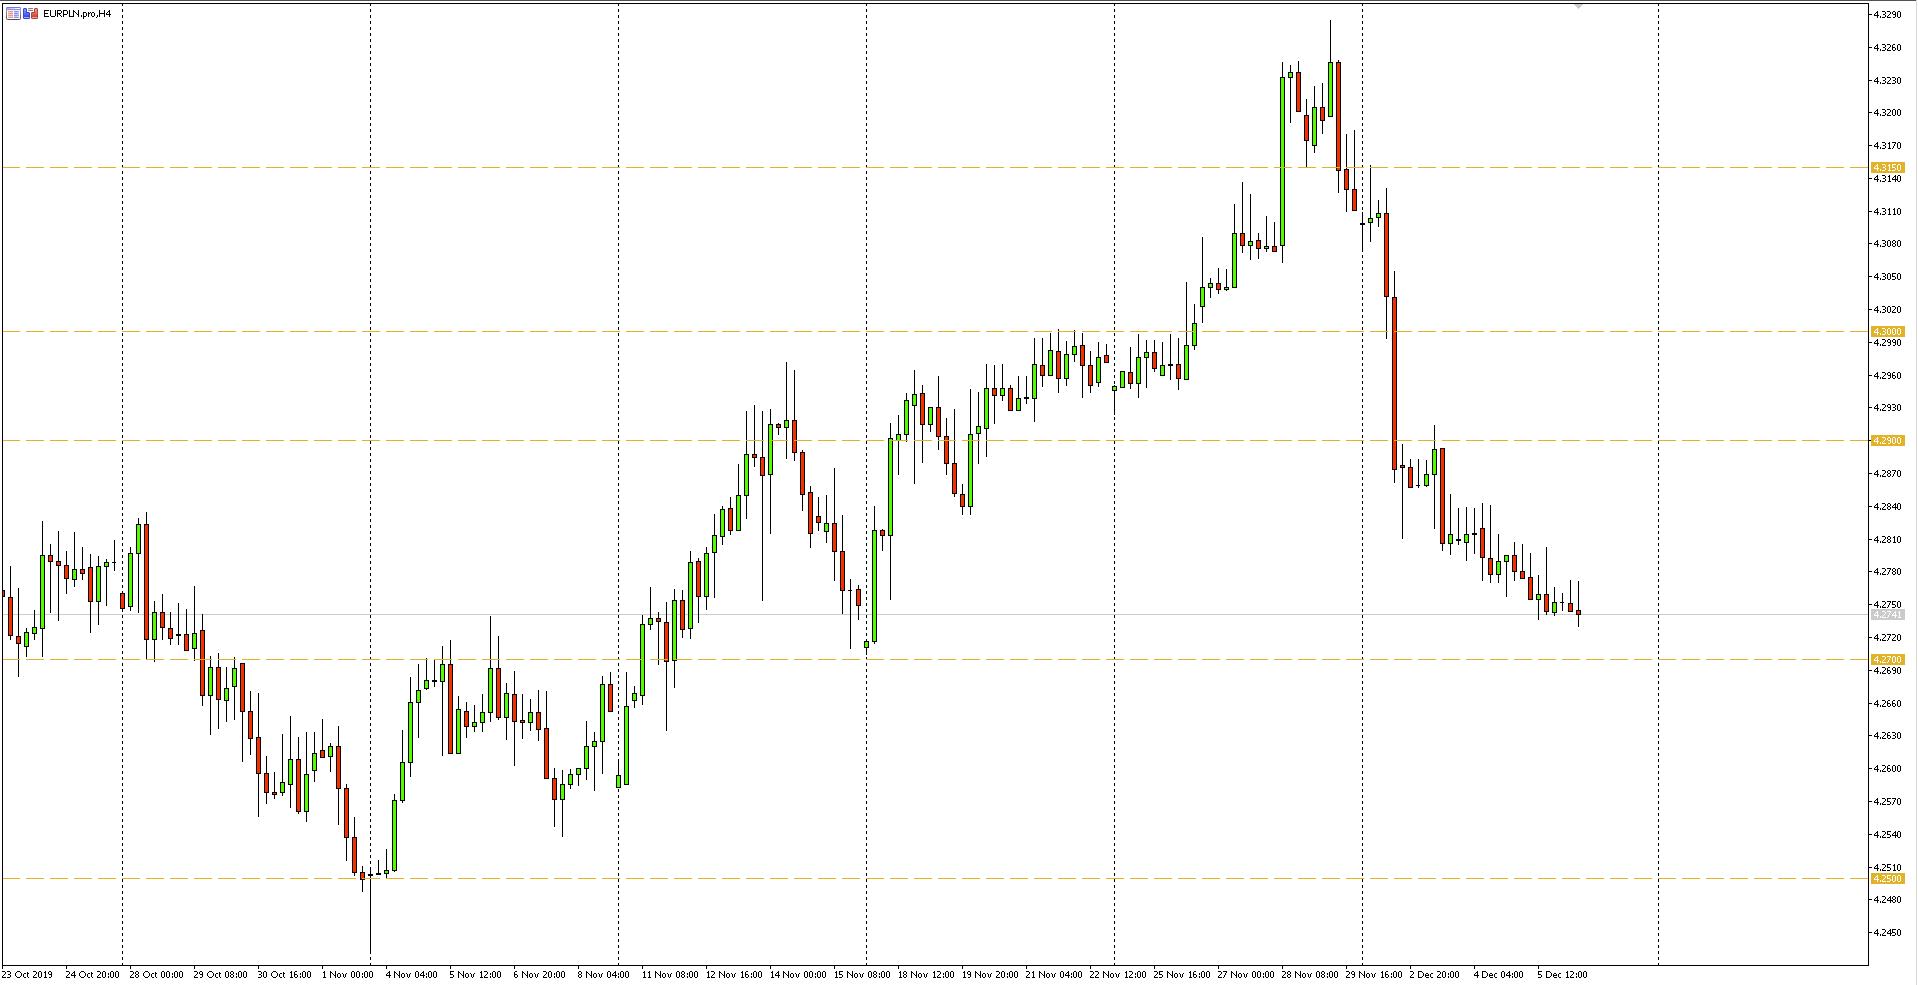 Wykres 4-godzinny pary walutowej EURPLN - 06.12.2019 r.